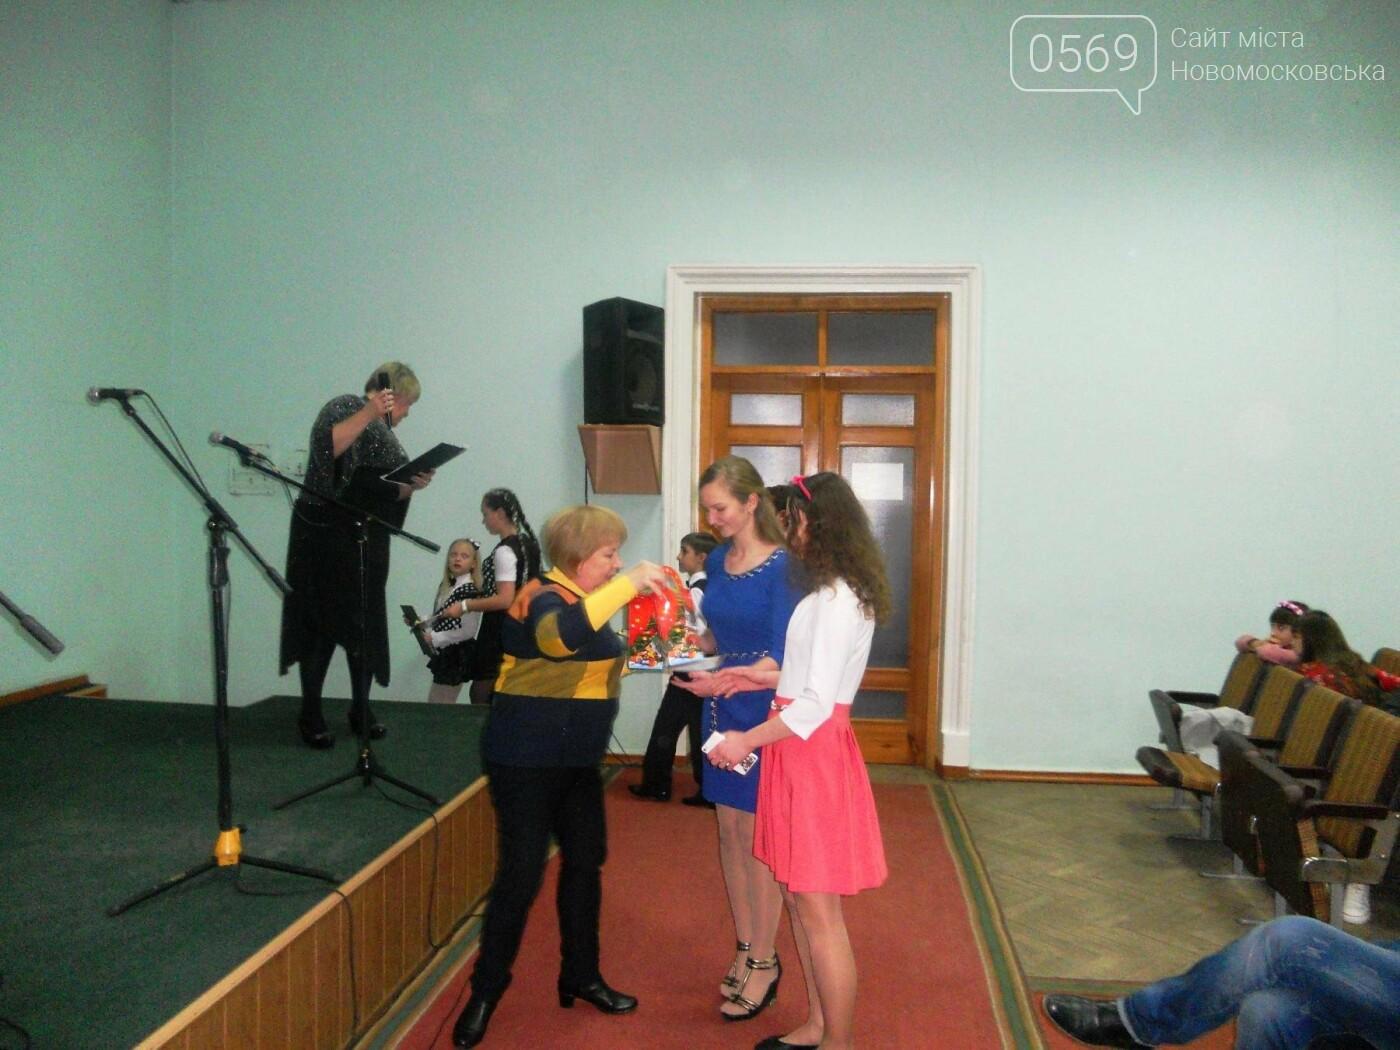 В Новомосковську назвали імена переможців  фестивалю «Діамантова нотка», фото-2